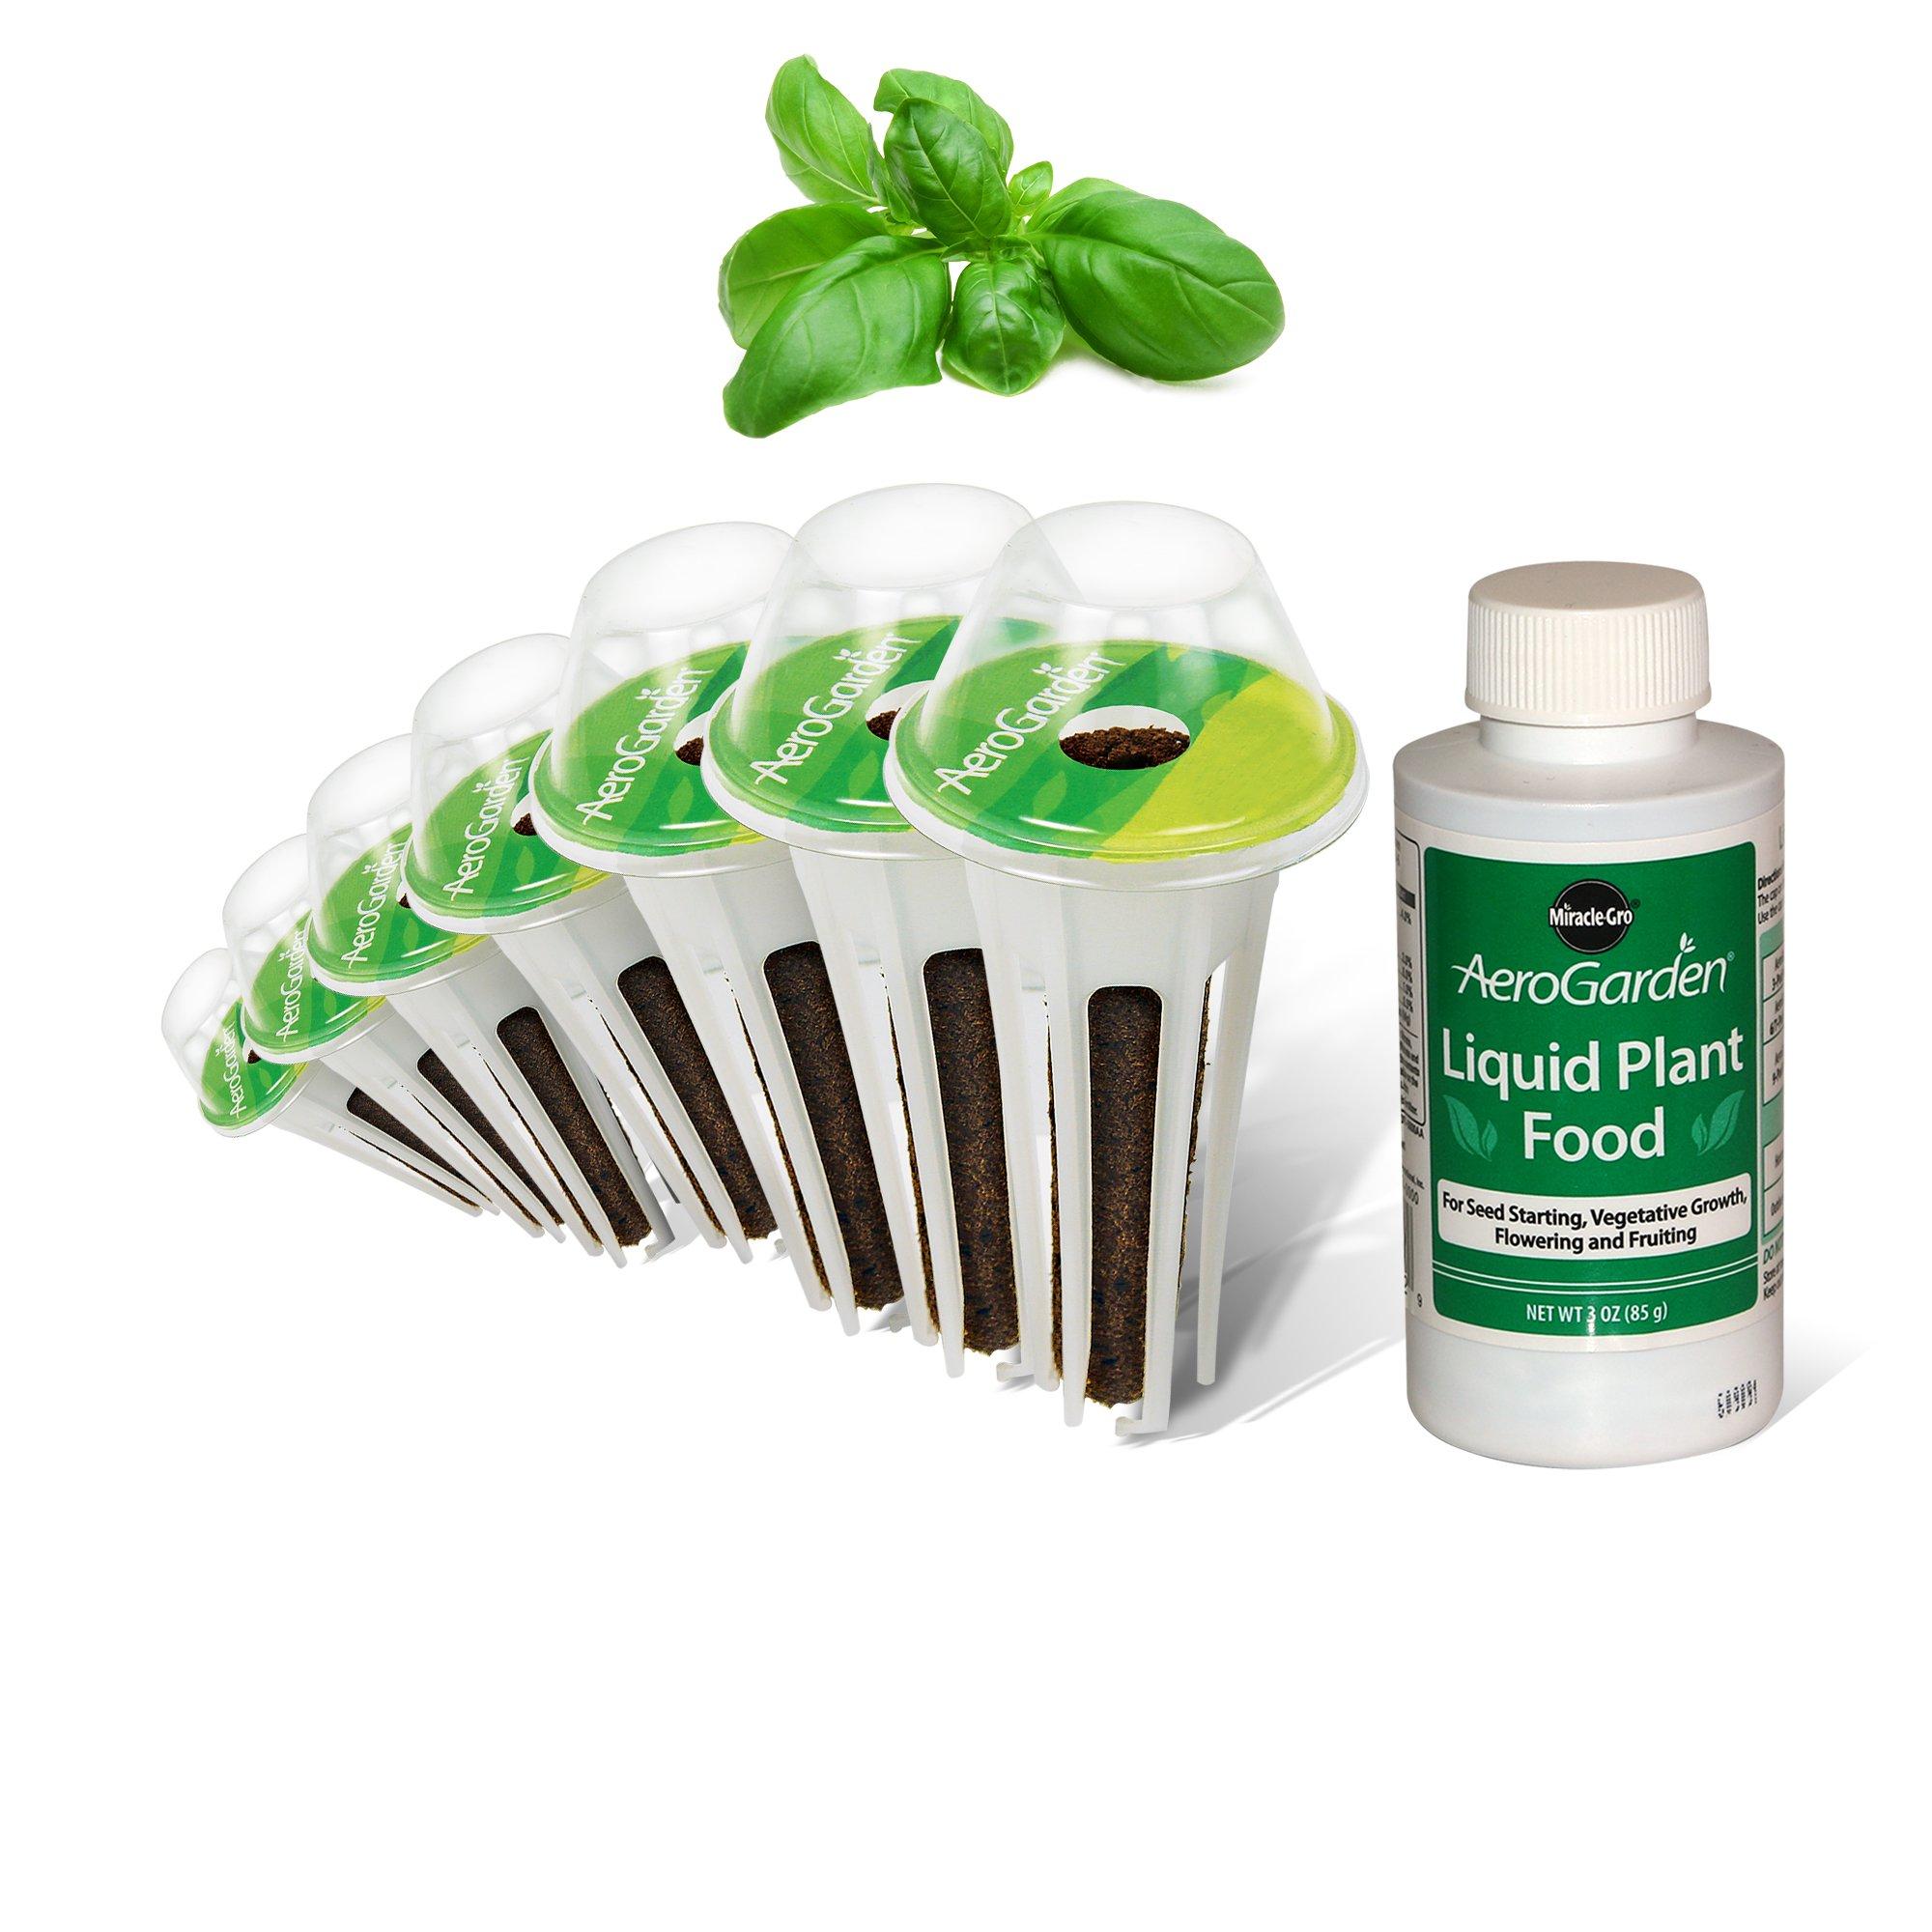 AeroGarden Pesto Basil Seed Pod Kit by AeroGarden